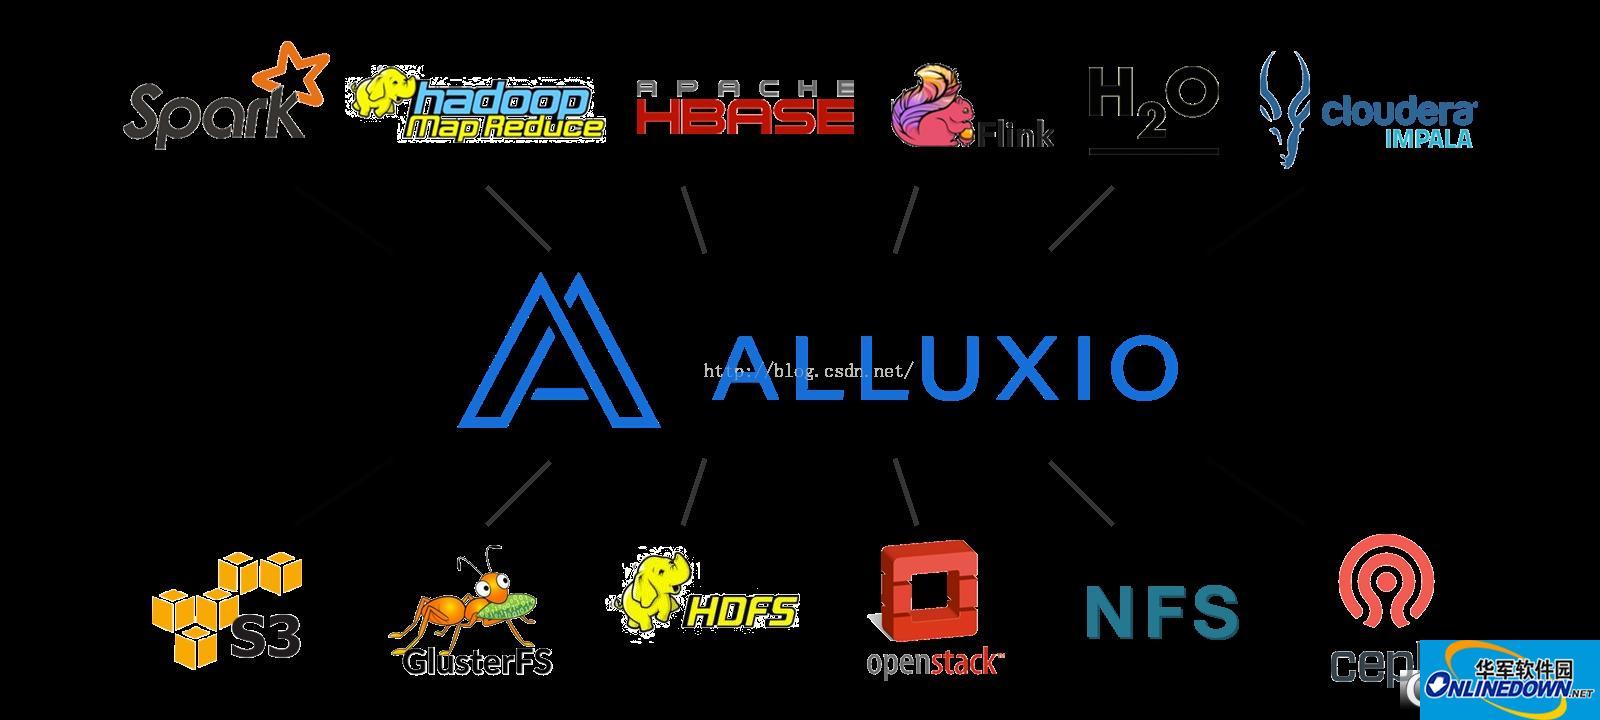 Alluxio分布式存储系统